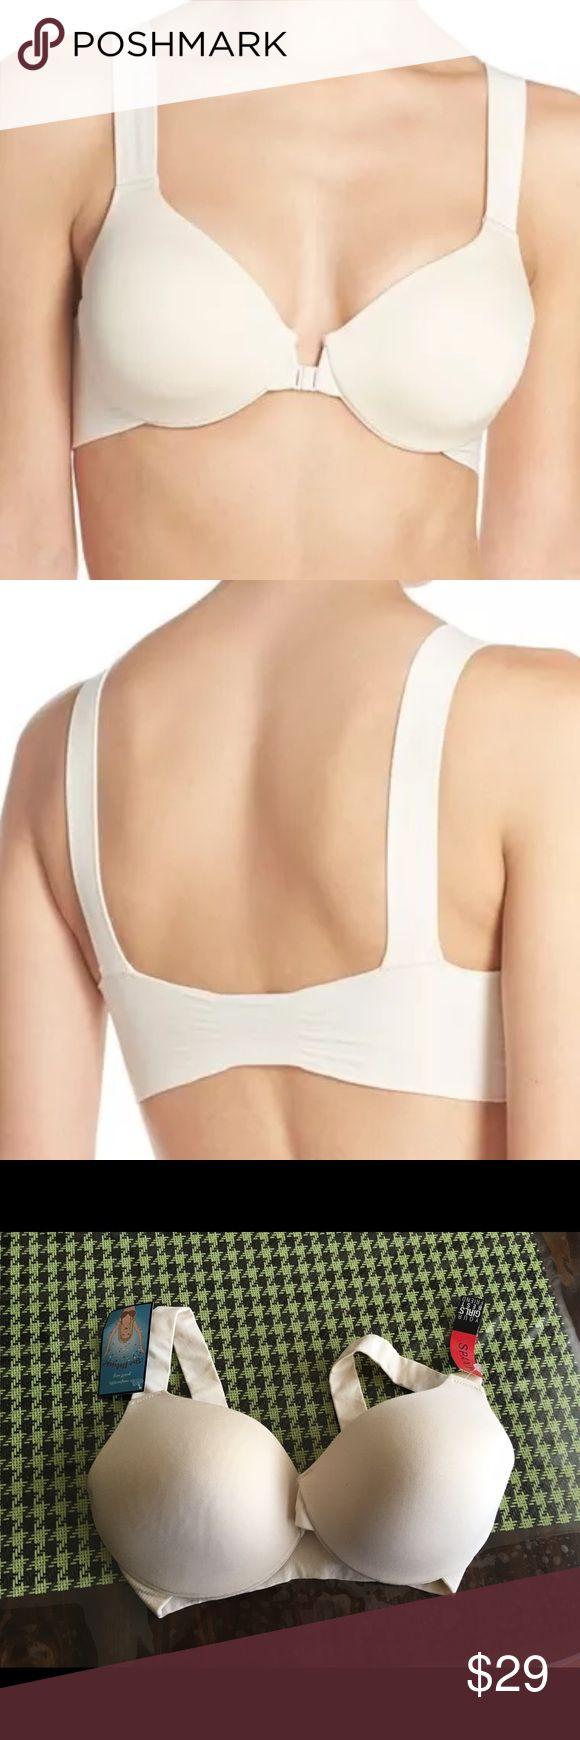 NWT Spanx Bra-llelujah 1485 Touch Underwire Contou NWT Spanx Bra-llelujah 1485 Touch Underwire Contour 32D Minimalist Light Nude SPANX Intimates & Sleepwear Bras